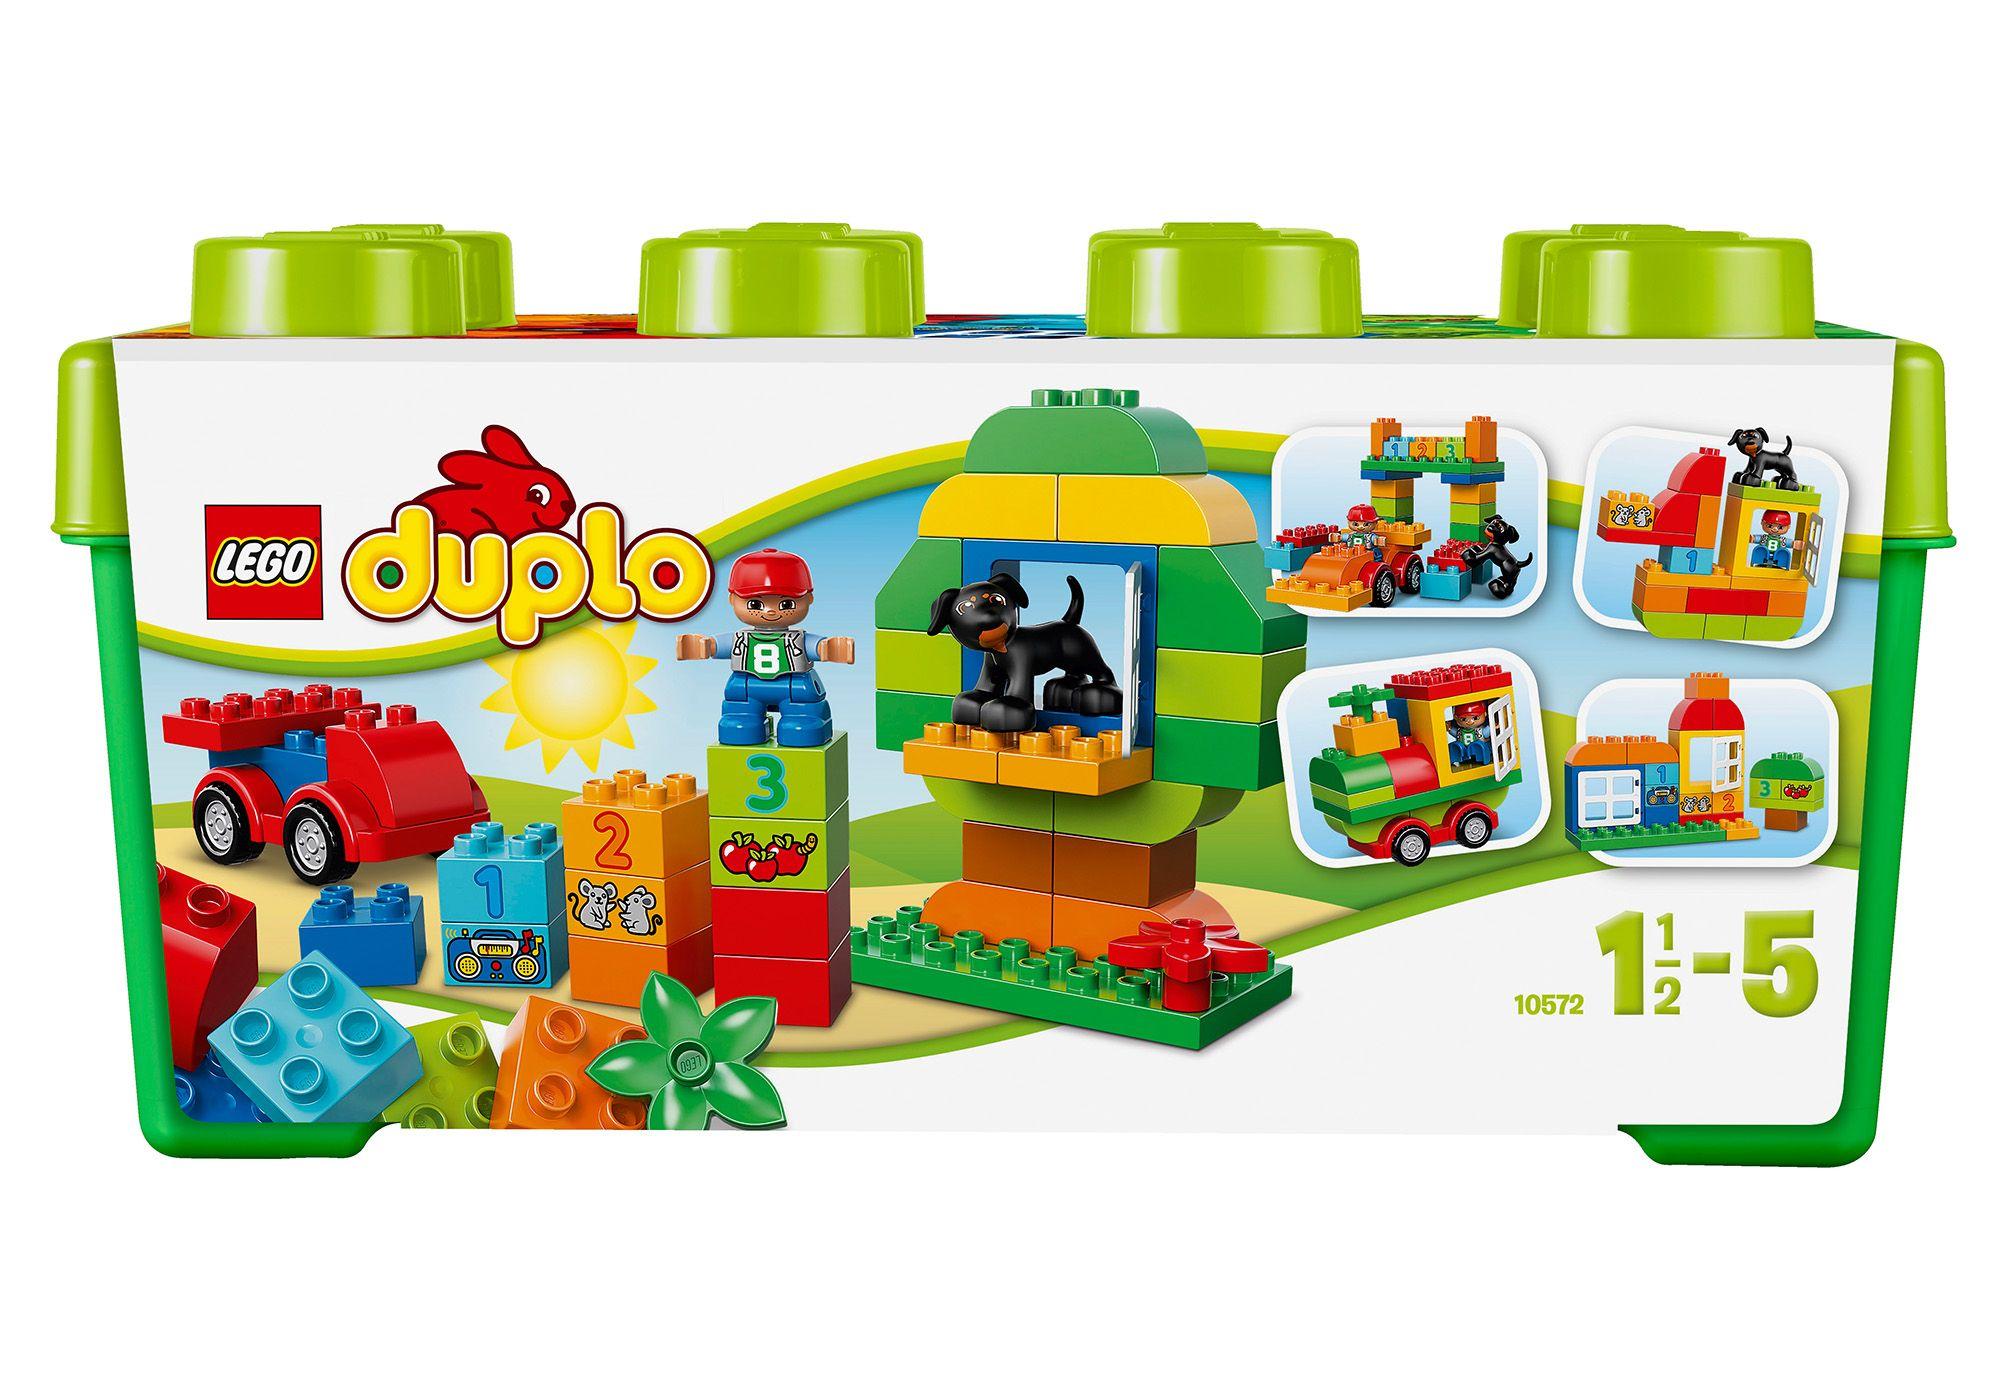 LEGO® 10572 DUPLO Große Steinbox, Konstruktionsspielzeug